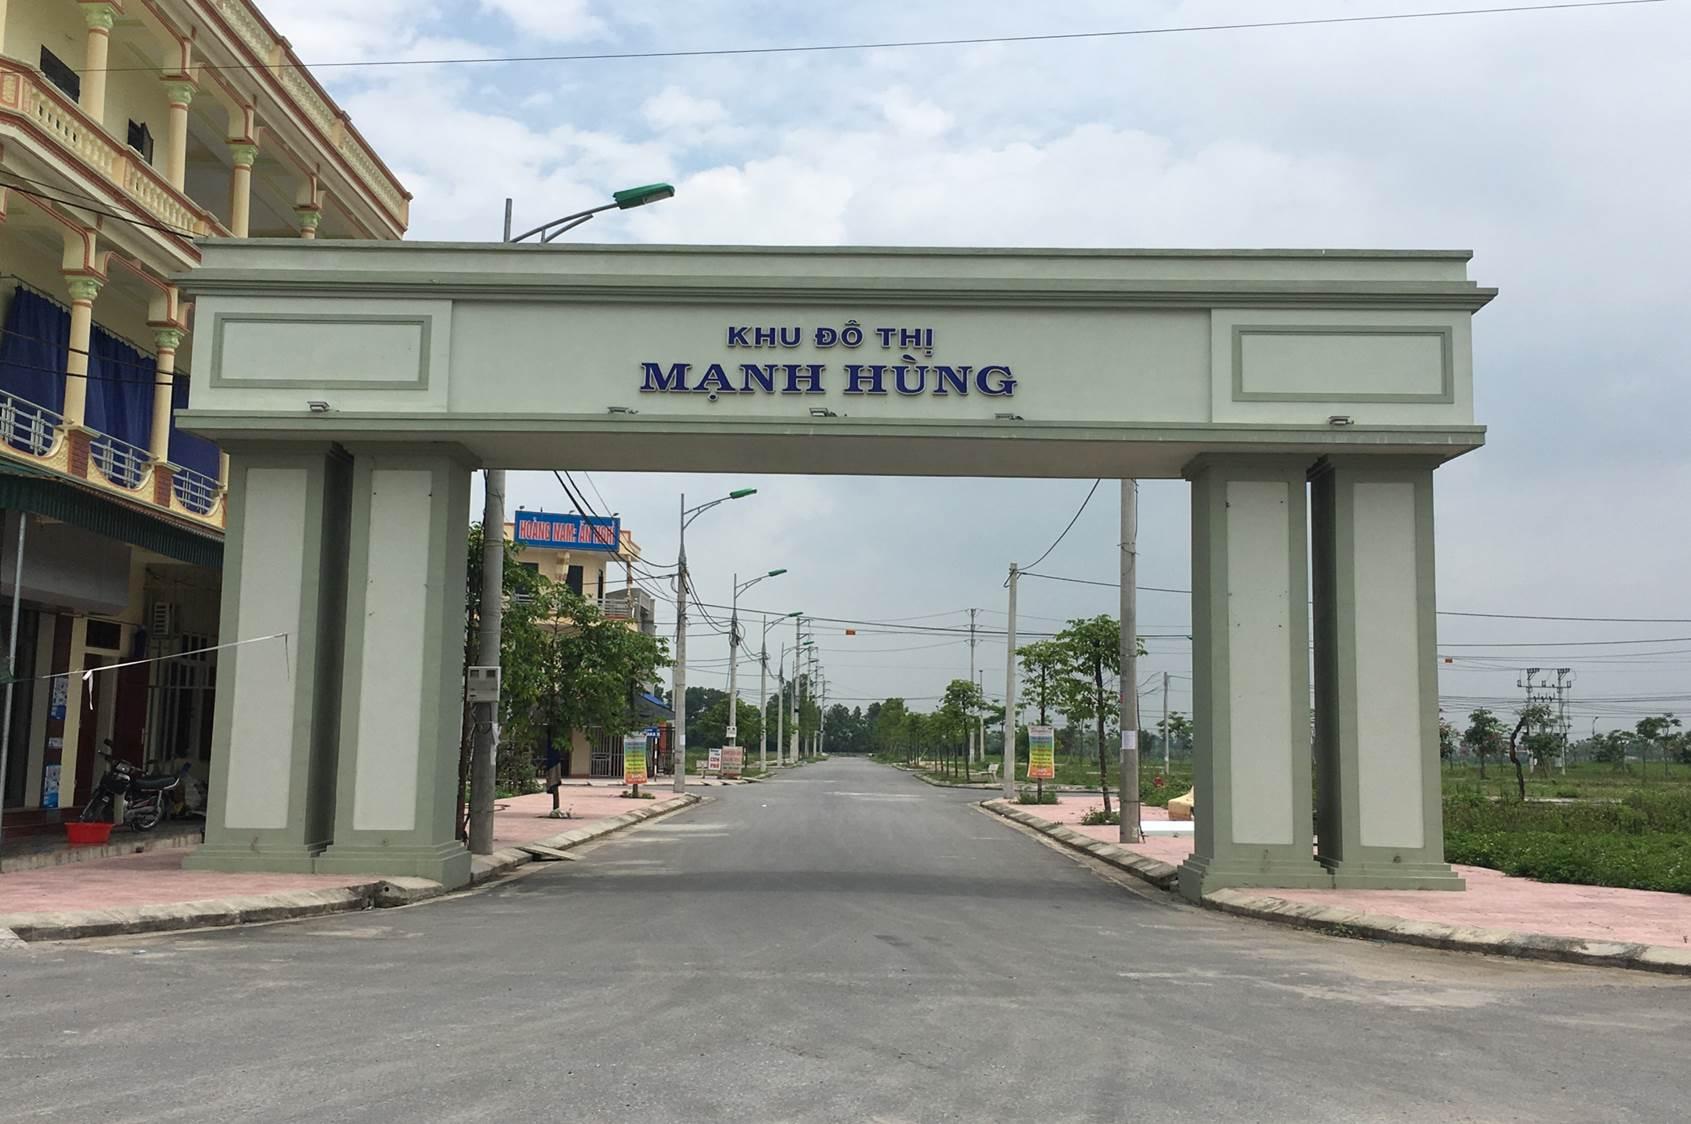 Cổng khu đô thị Mạnh Hùng Hà Nam